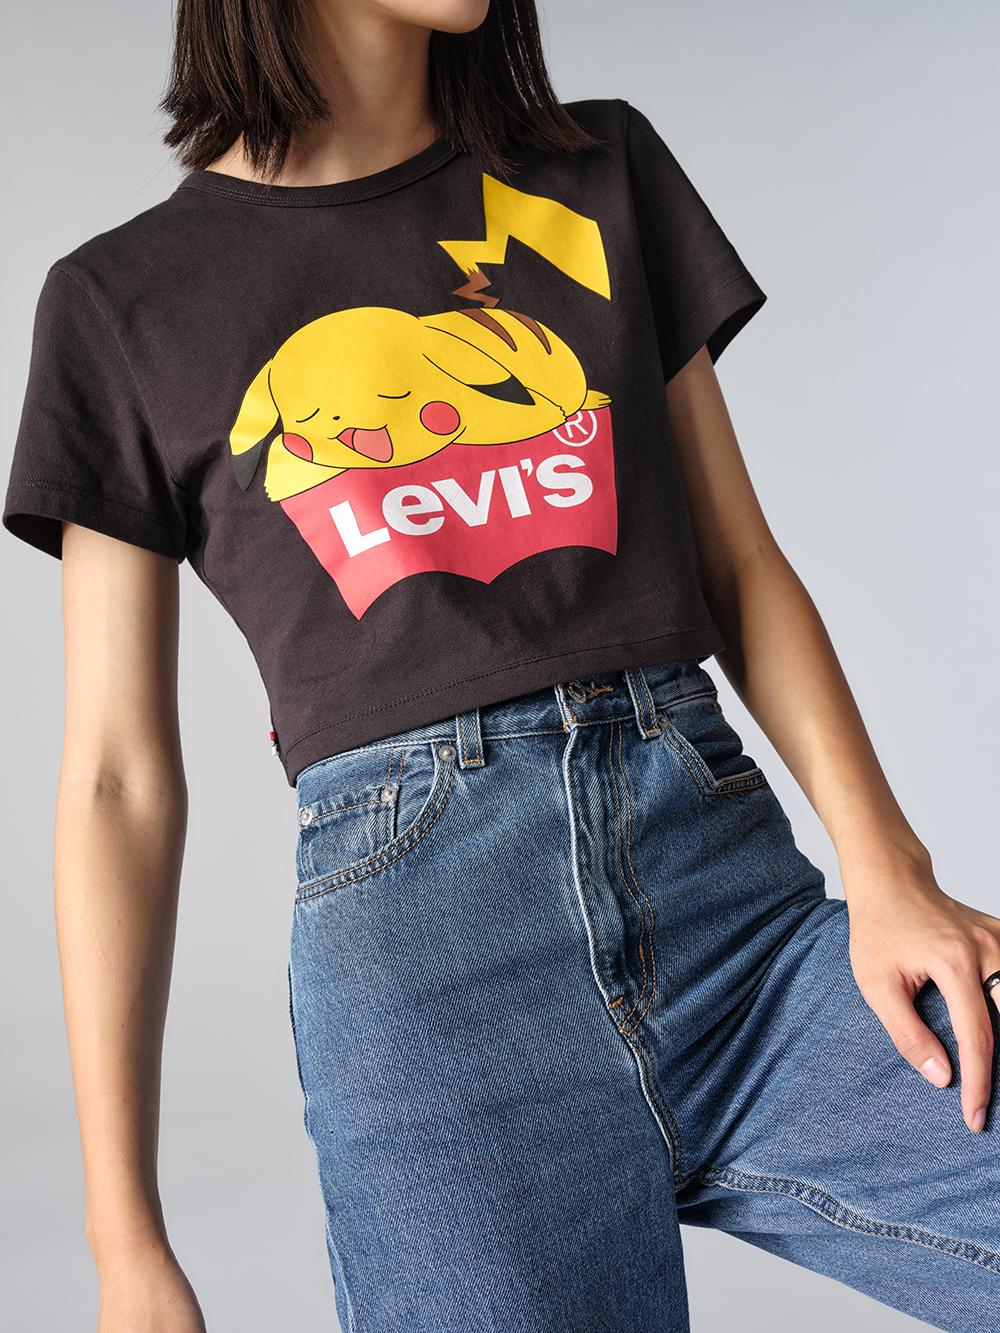 Pokémon y Levi's